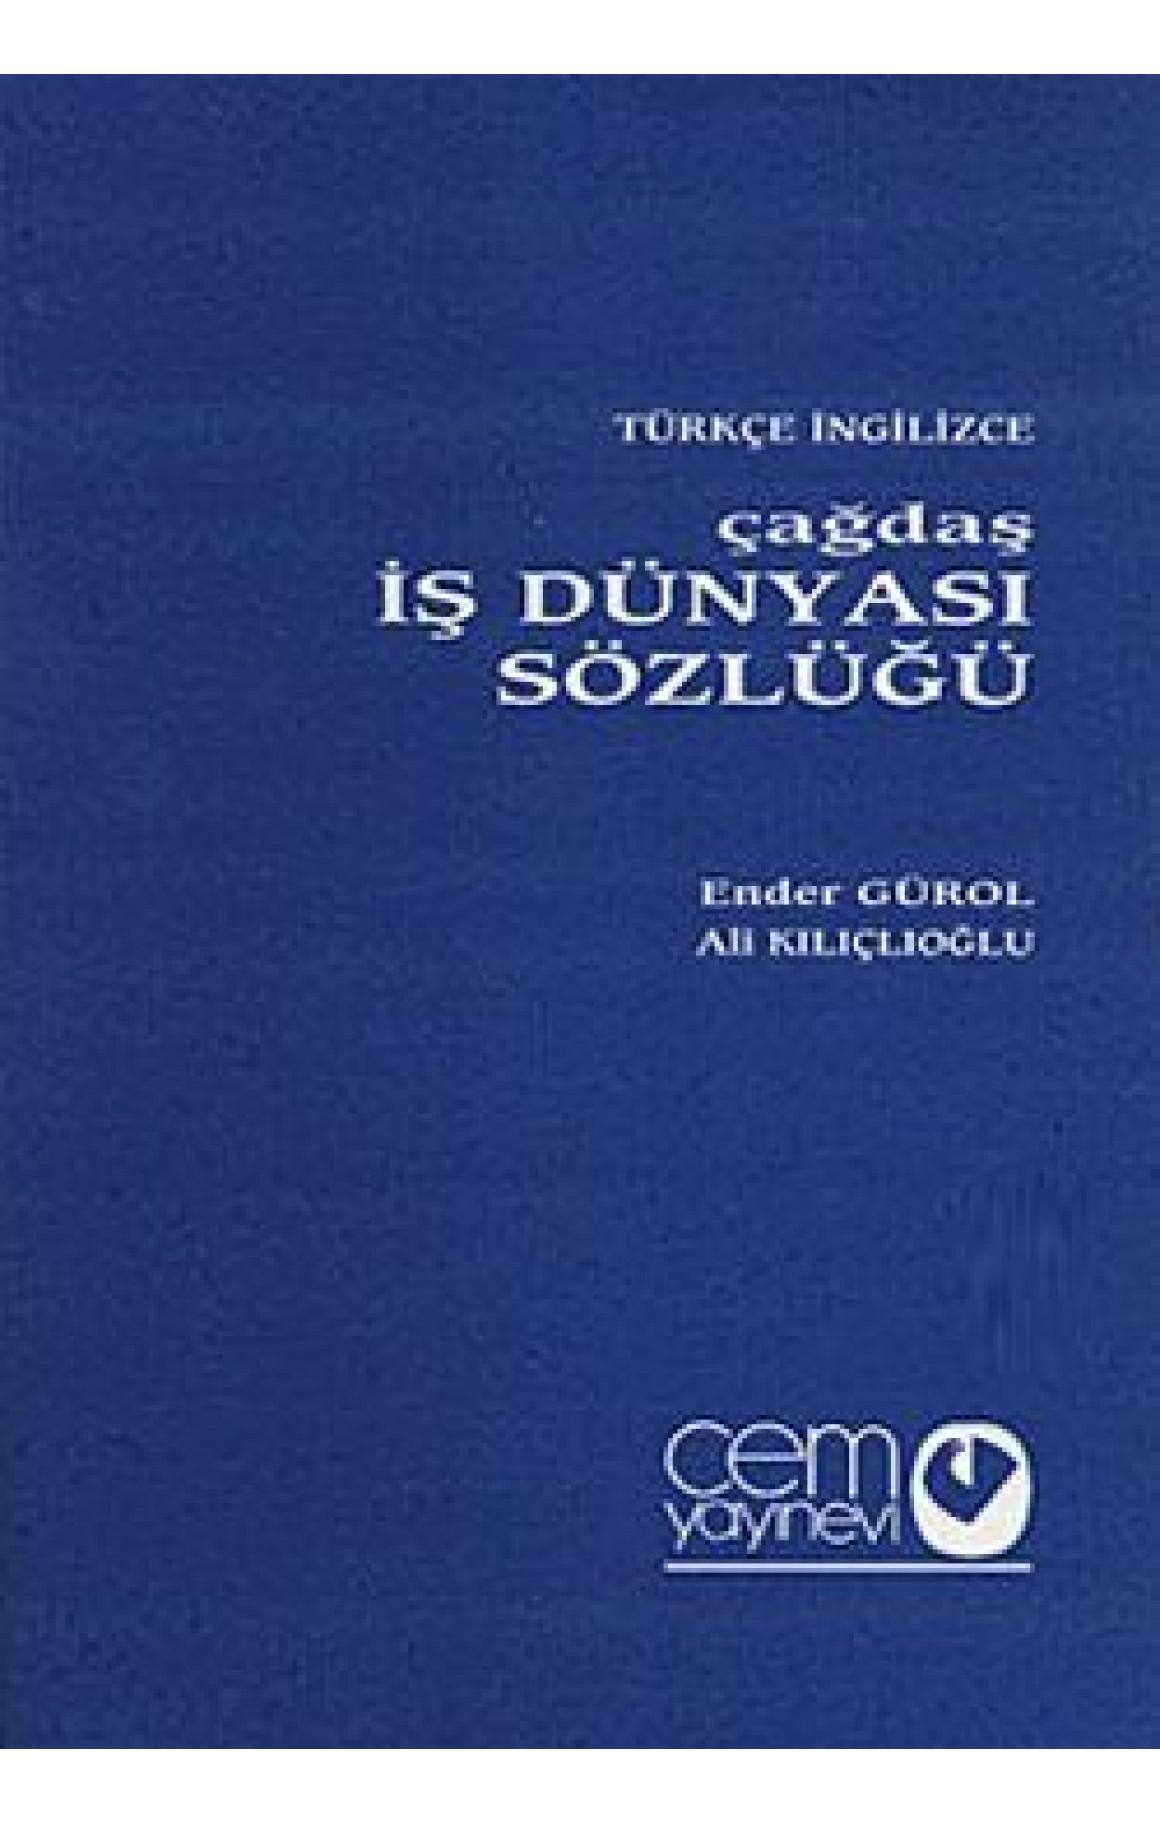 Çağdaş İş Dünyası Sözlüğü (3 Cilt) Türkçe-İngilizce - İngilizce-Türkçe